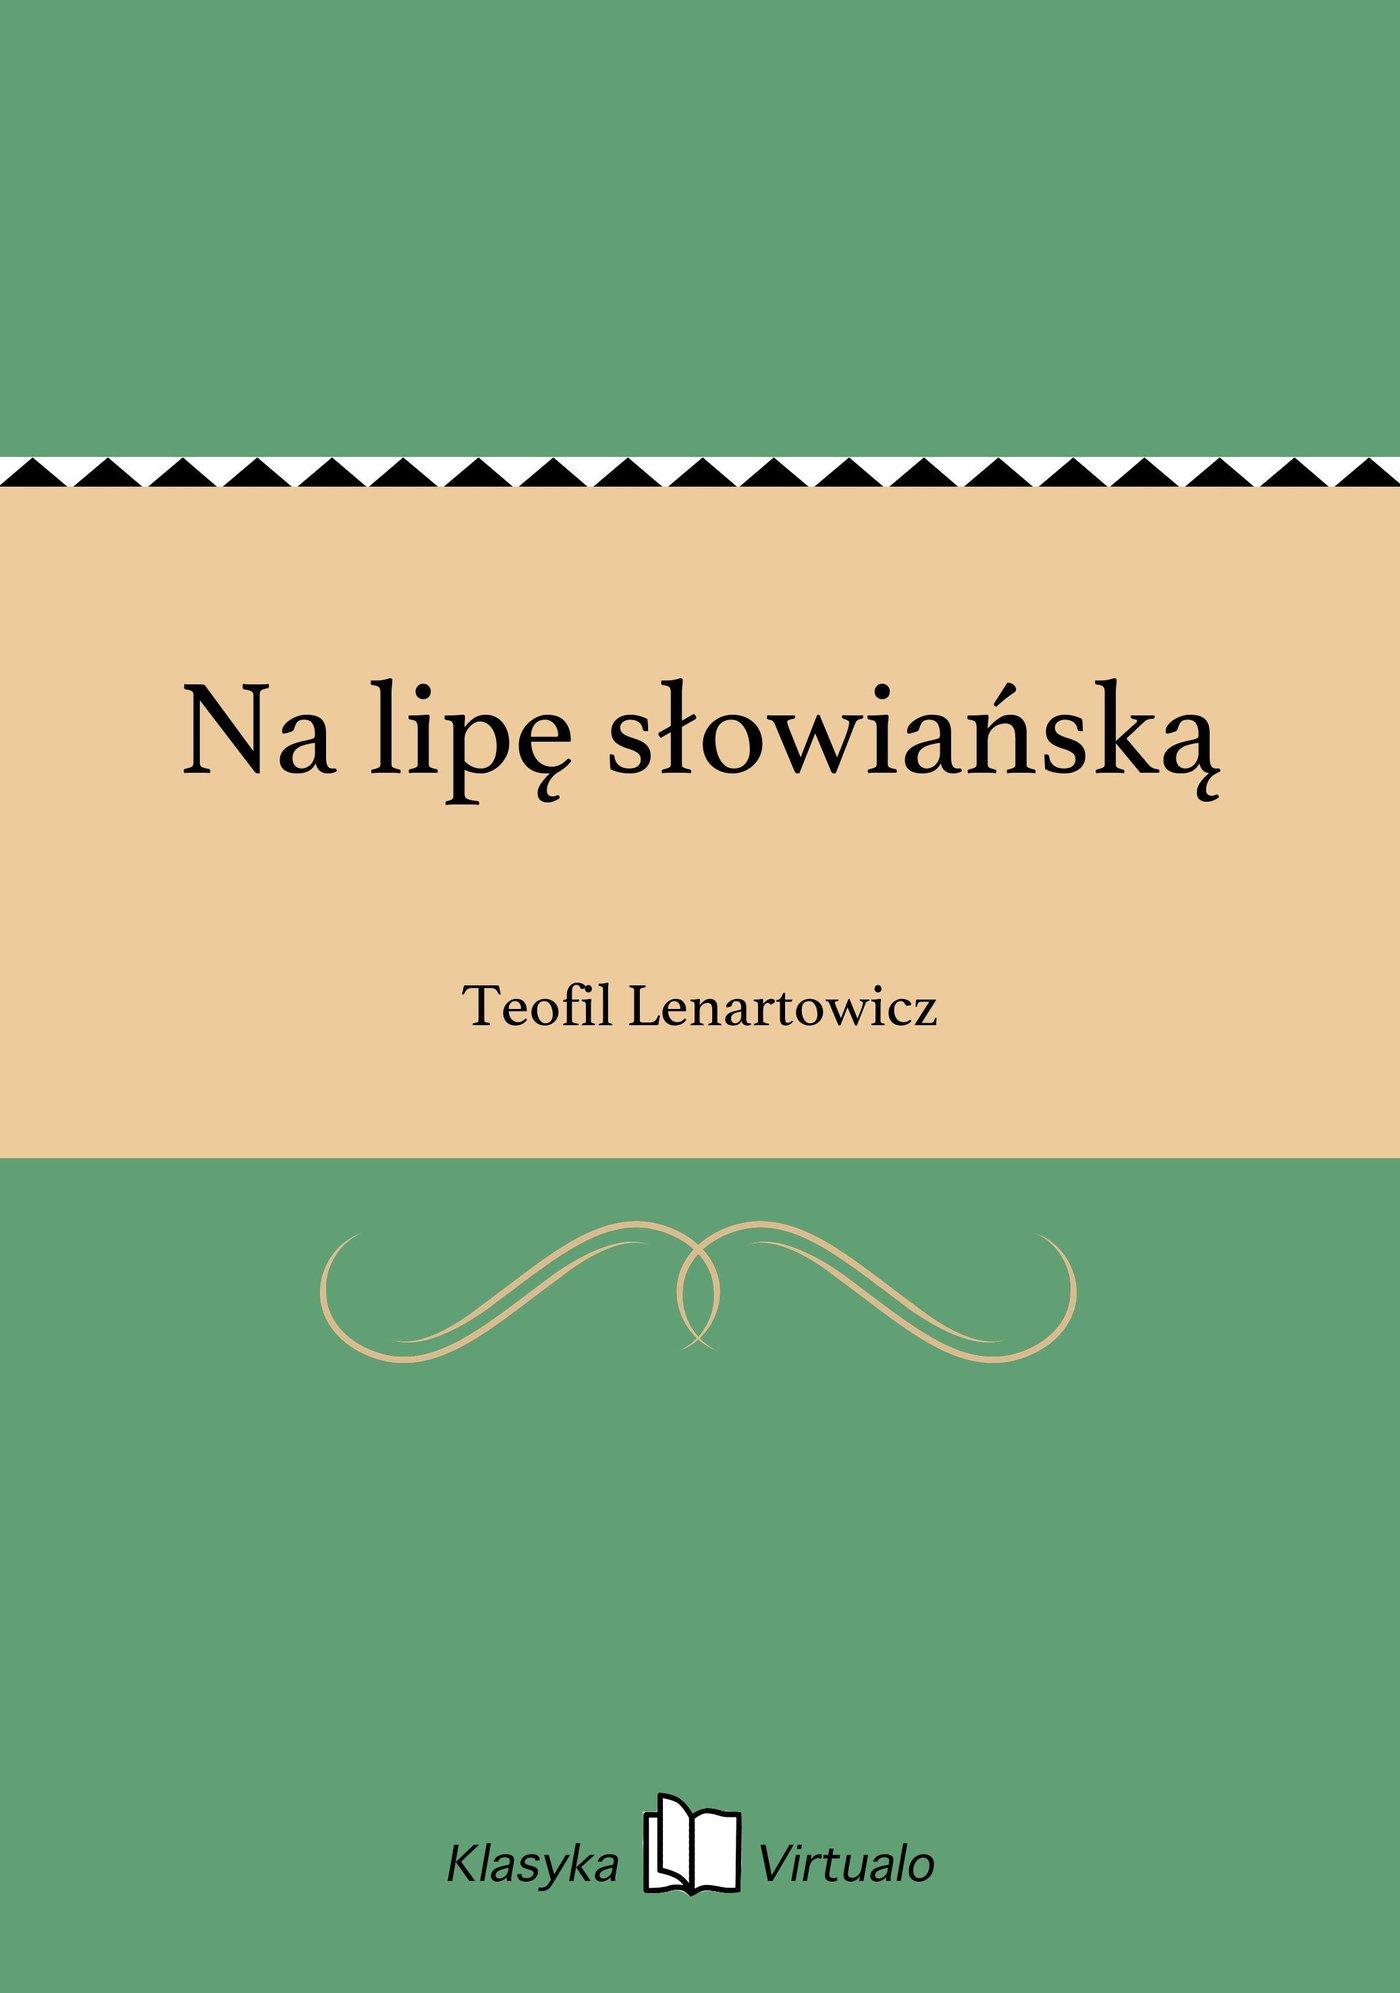 Na lipę słowiańską - Ebook (Książka EPUB) do pobrania w formacie EPUB